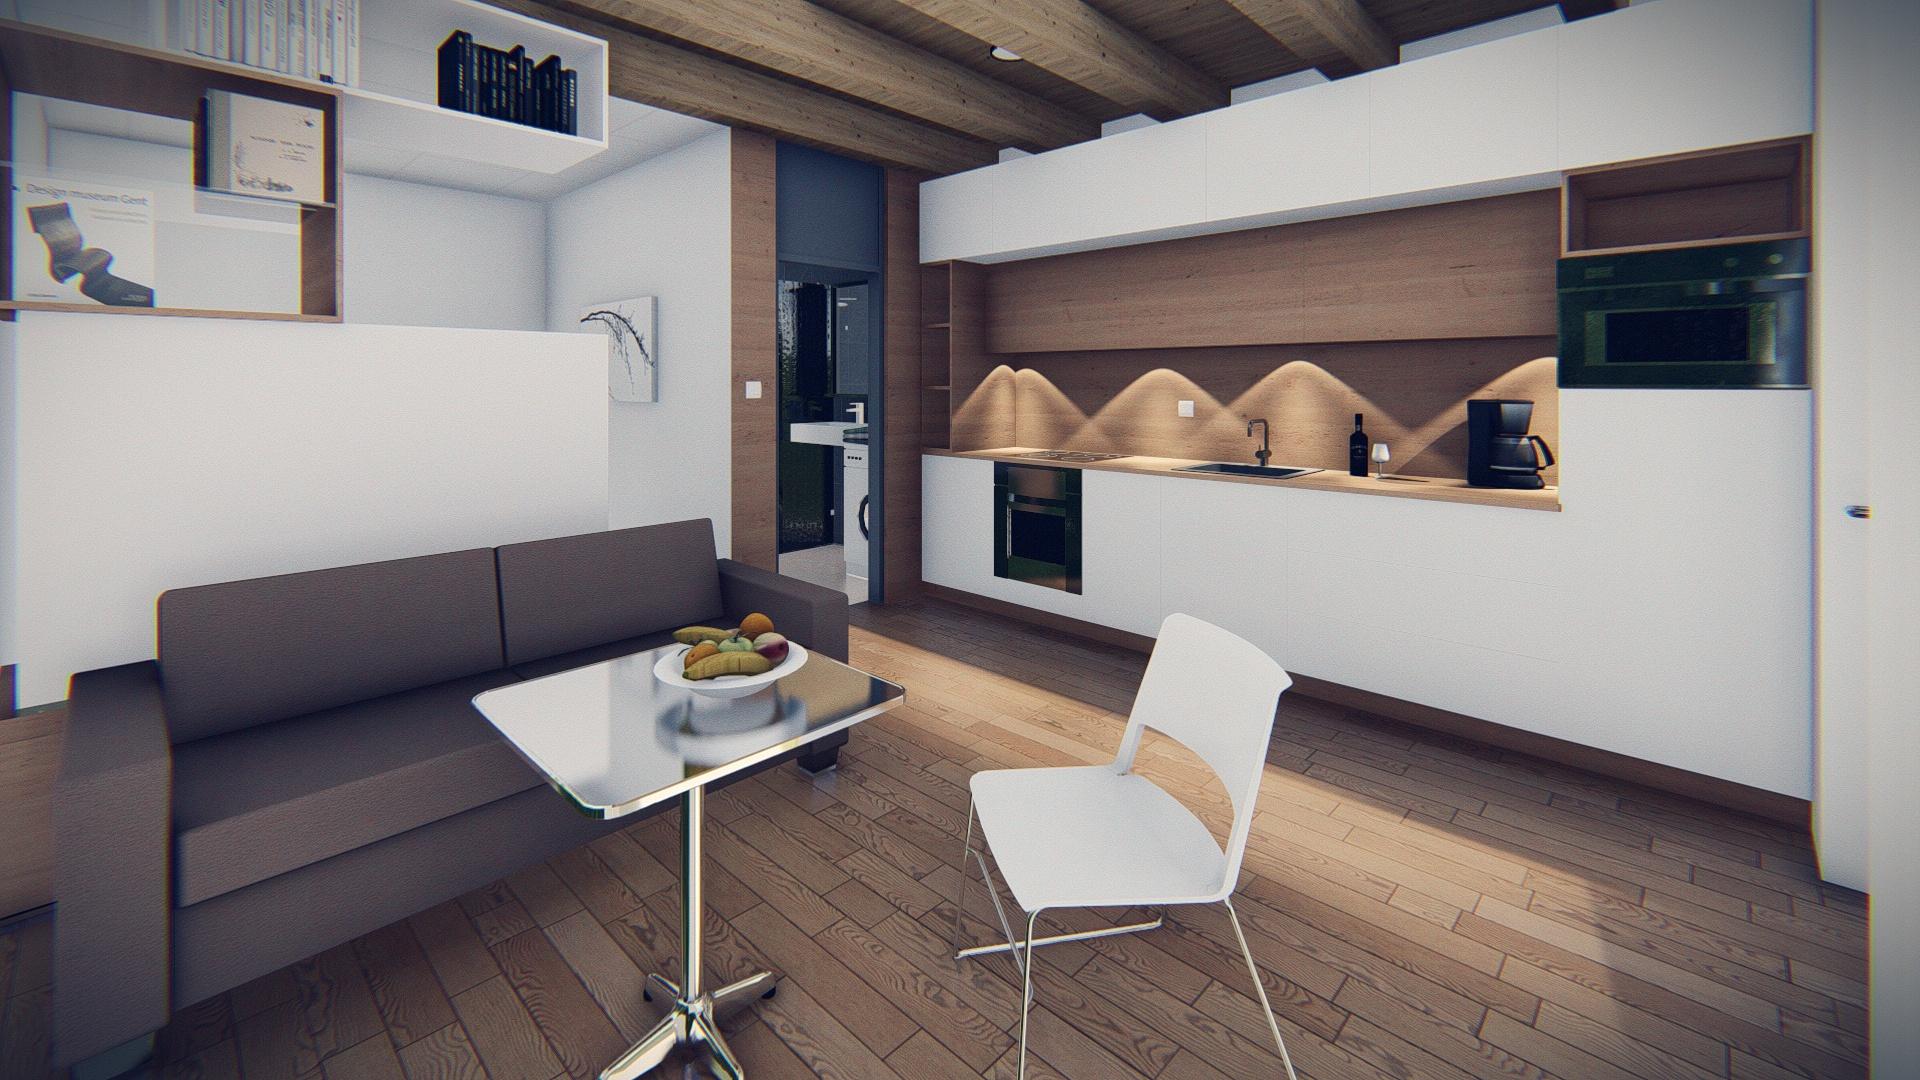 Kamenná byt 1 kk v 1NP změna5